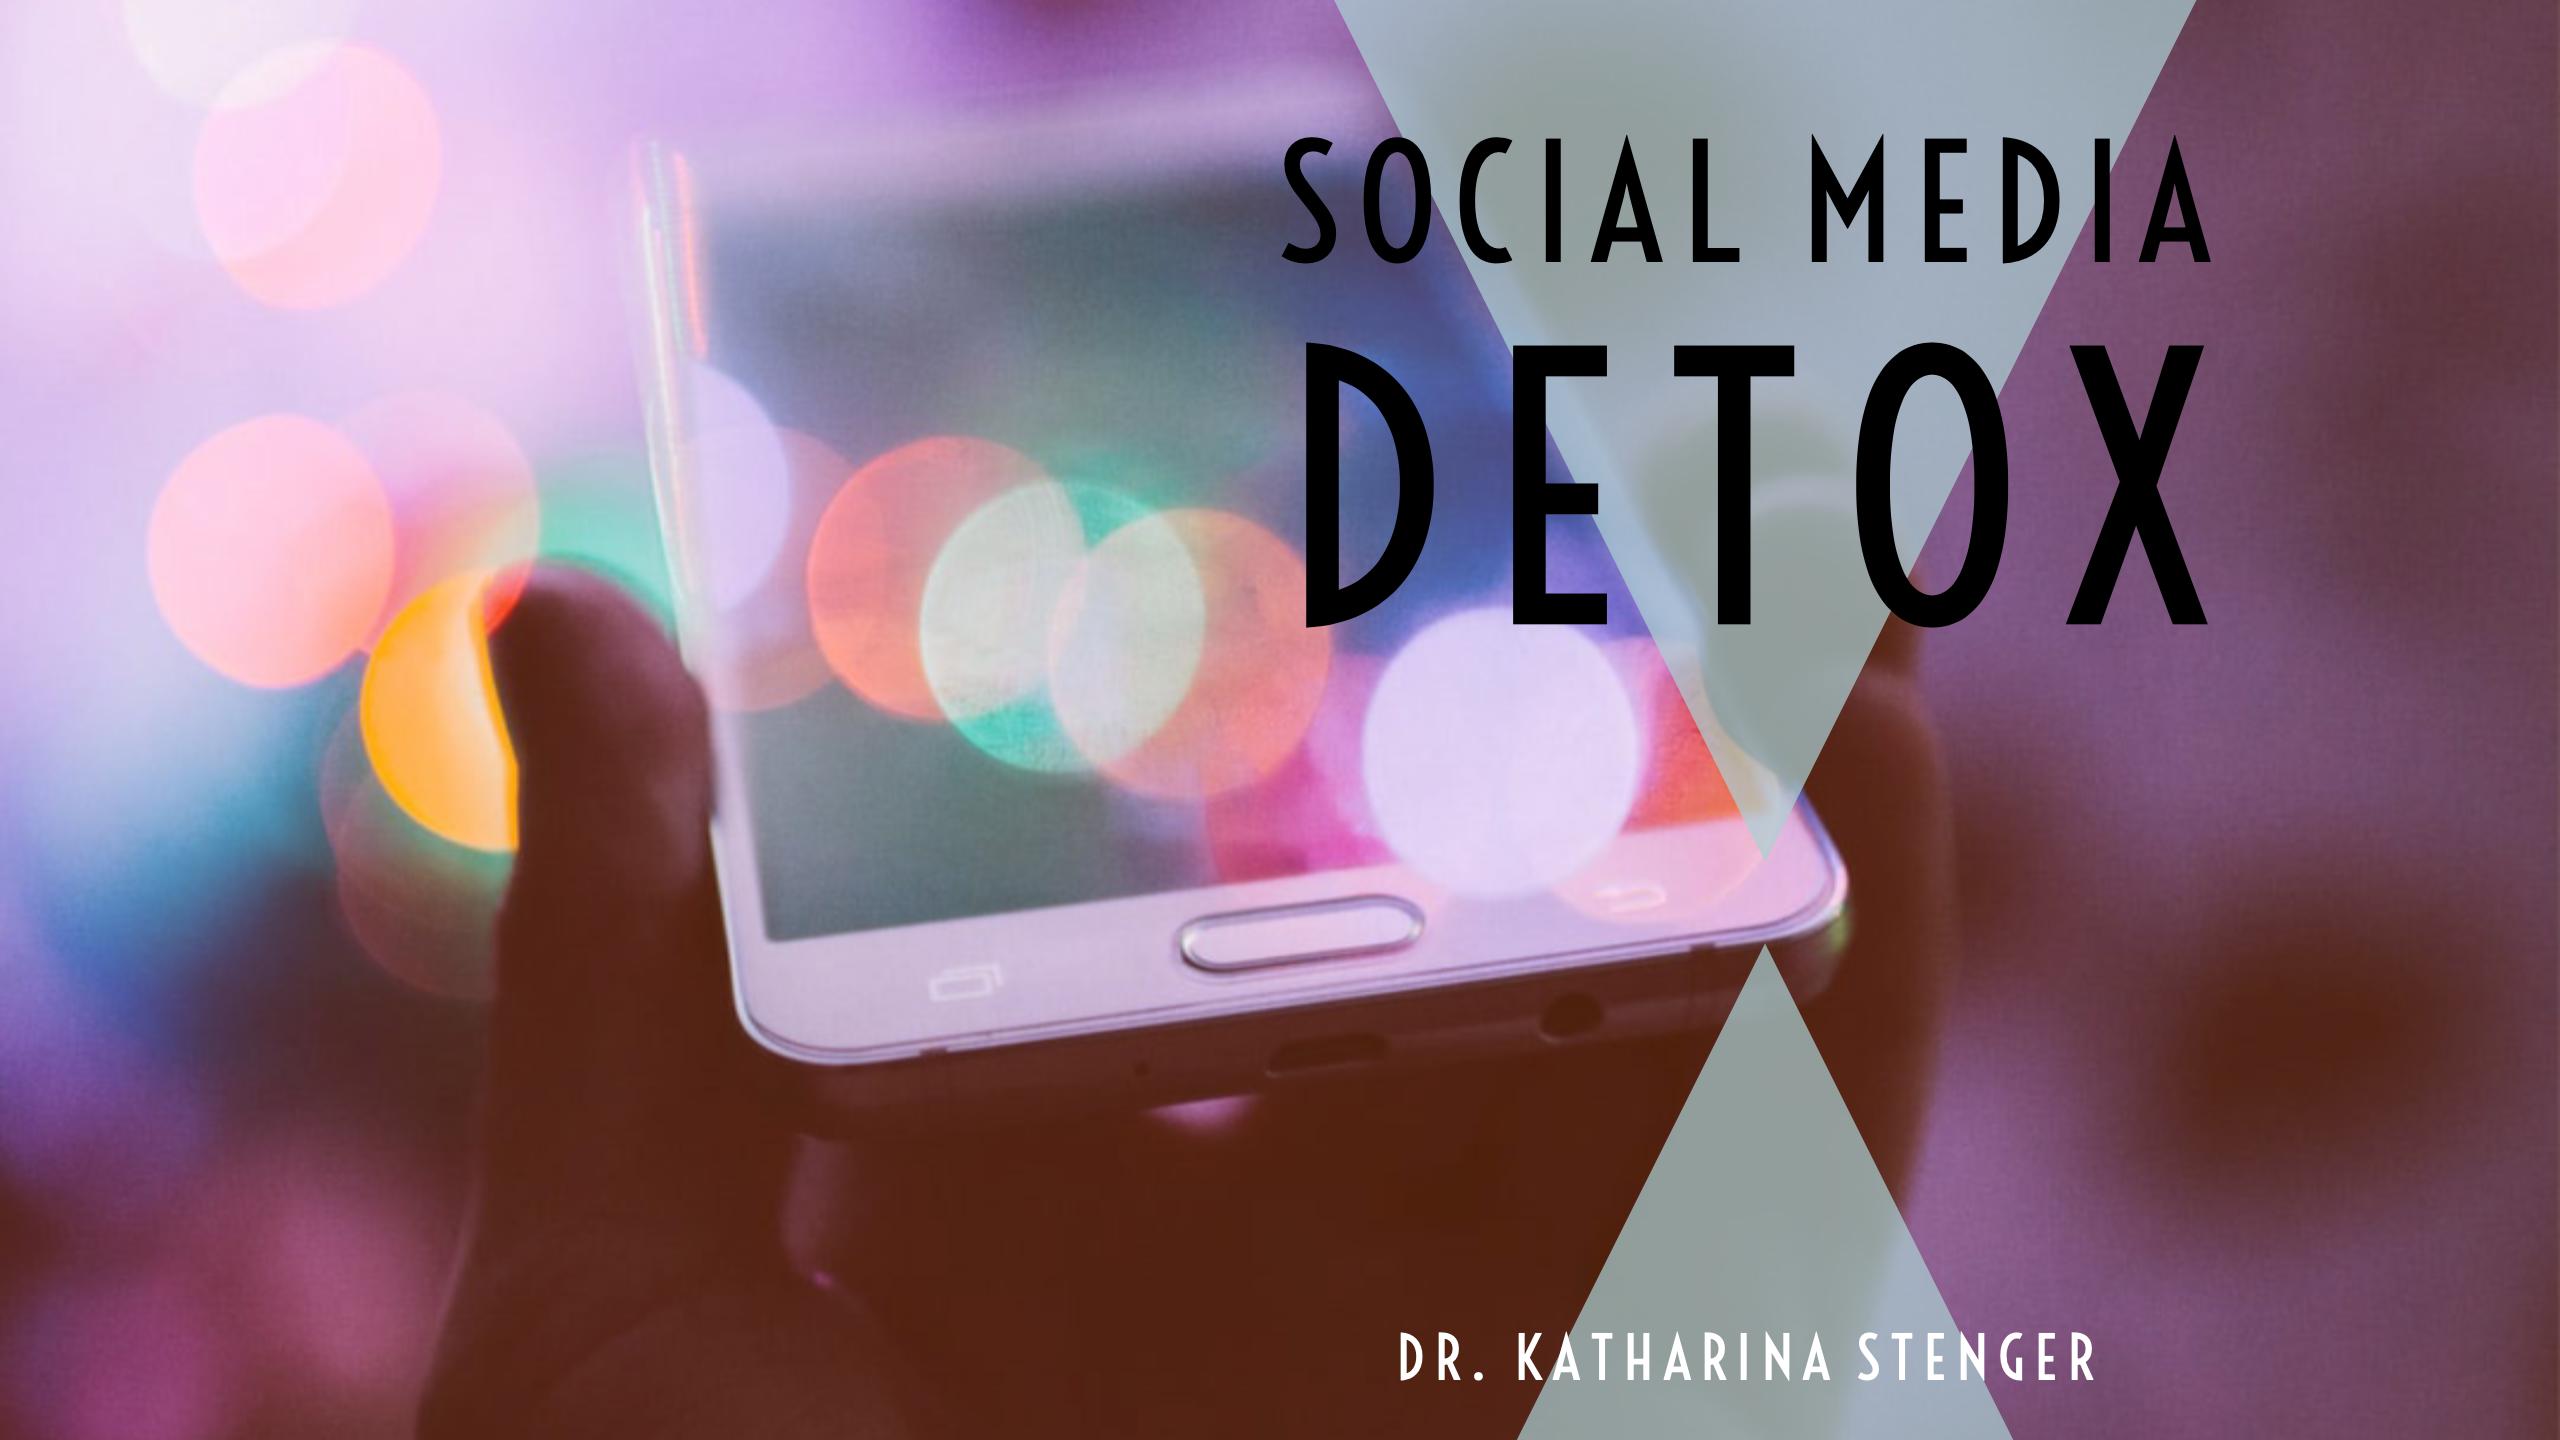 Social Media Detox Dr. Katharina Stenger